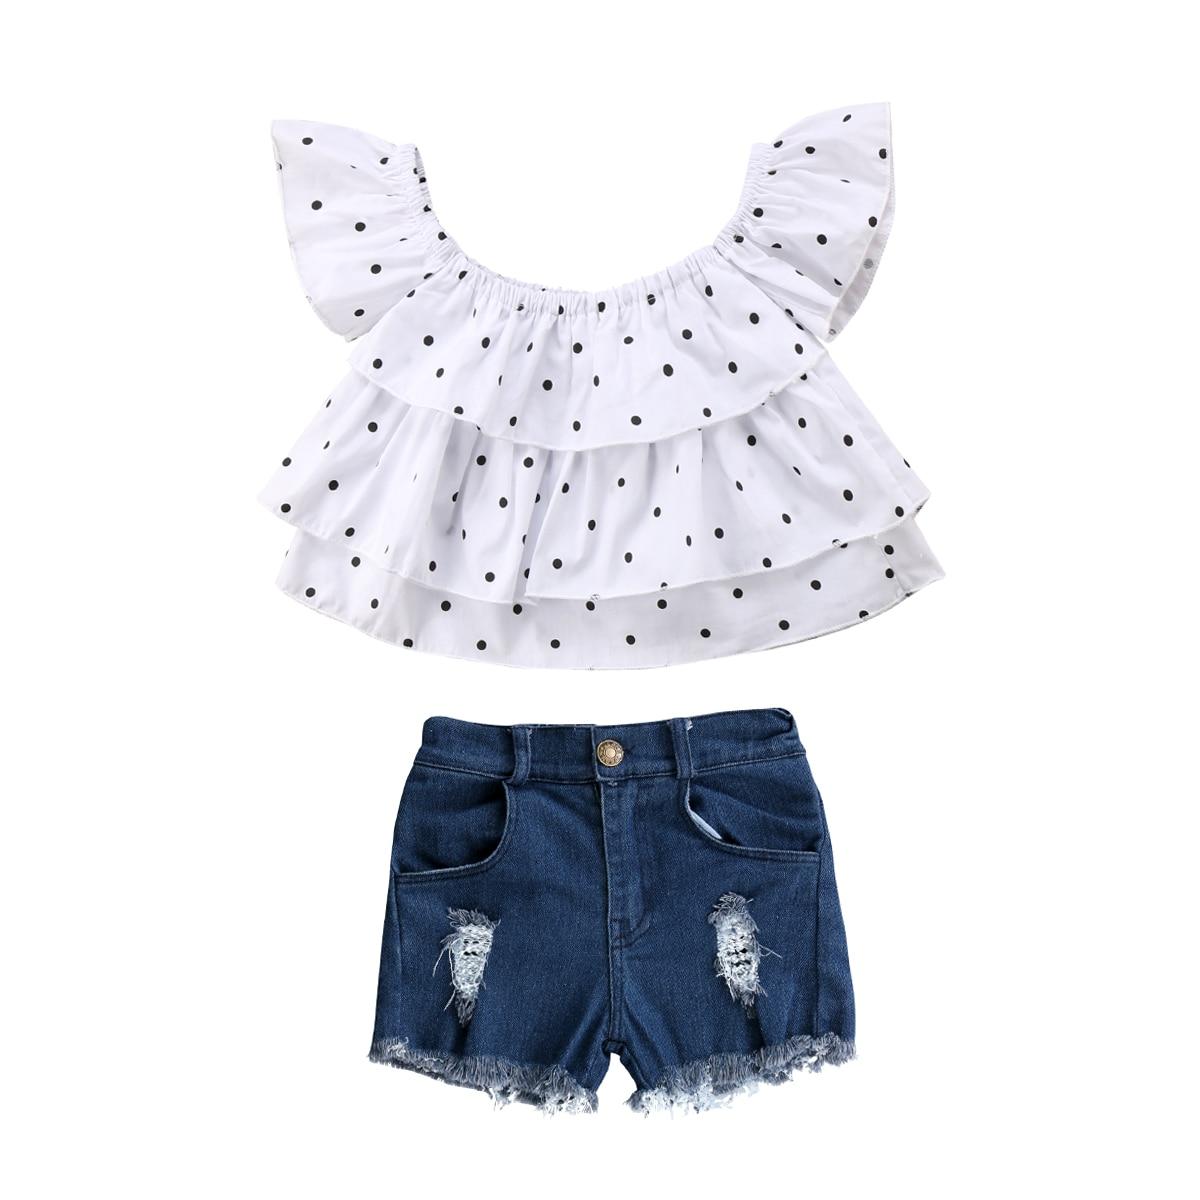 e6c988579 Newborn Toddler Kids Baby Girl Clothes Set Summer Short Sleeve Dot ...